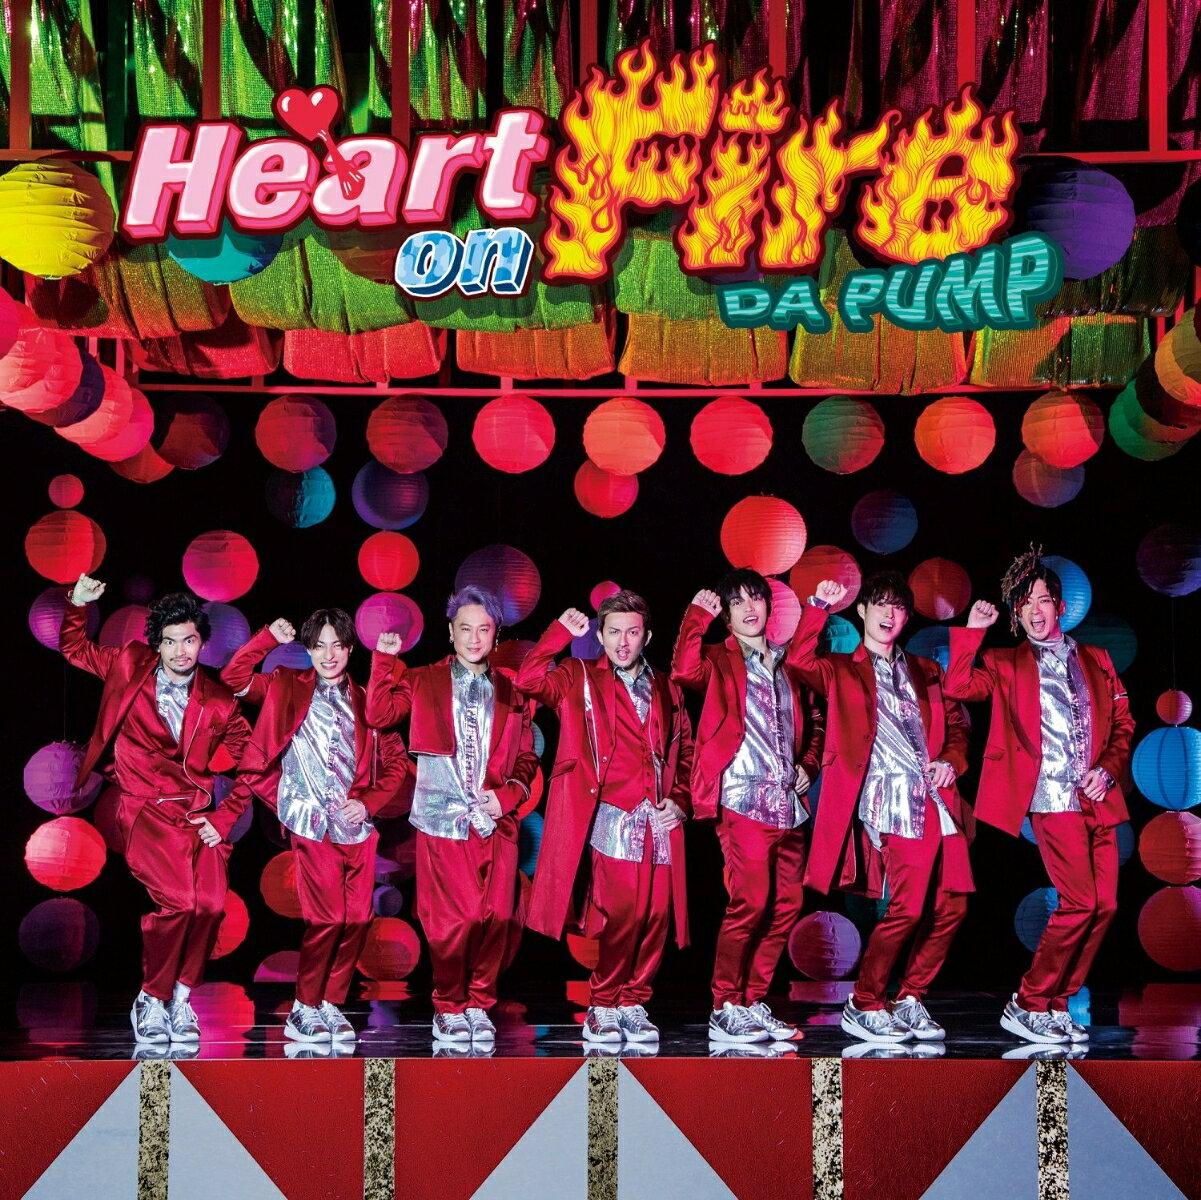 Heart on Fire (CD+DVD+スマプラ)画像